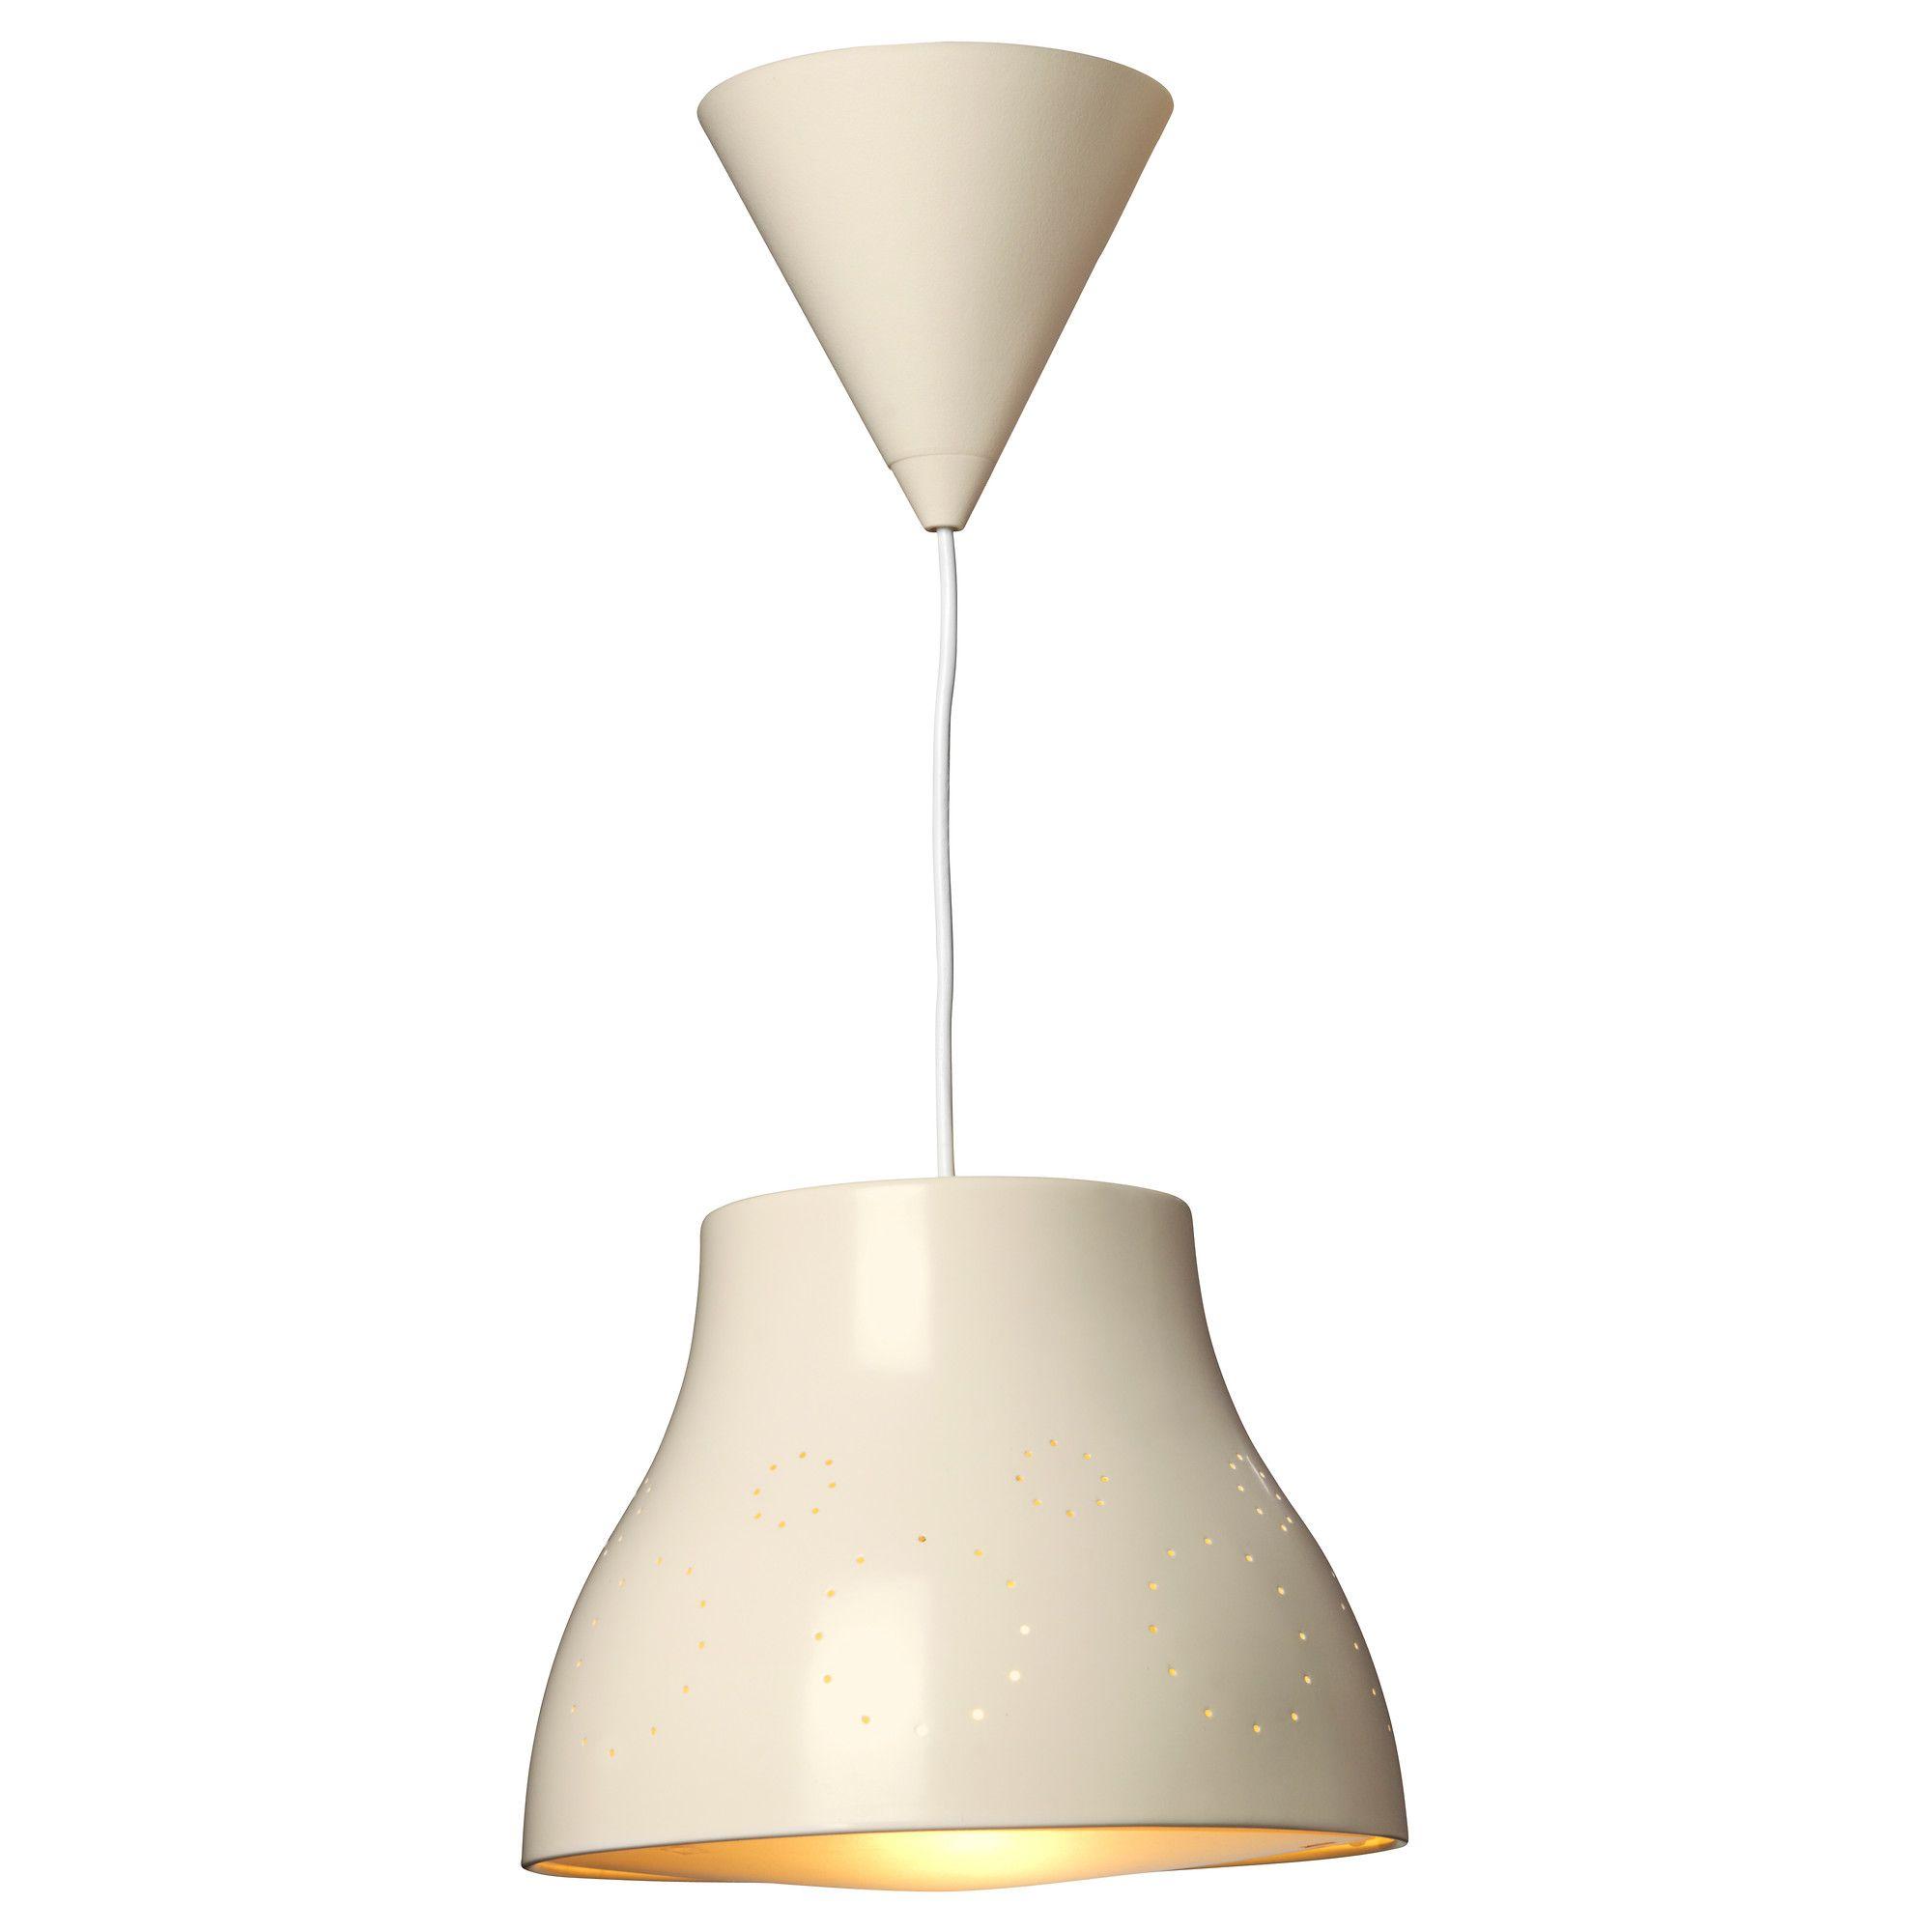 ikea kids lighting. SNÖIG Pendant Lamp - IKEA Ikea Kids Lighting H